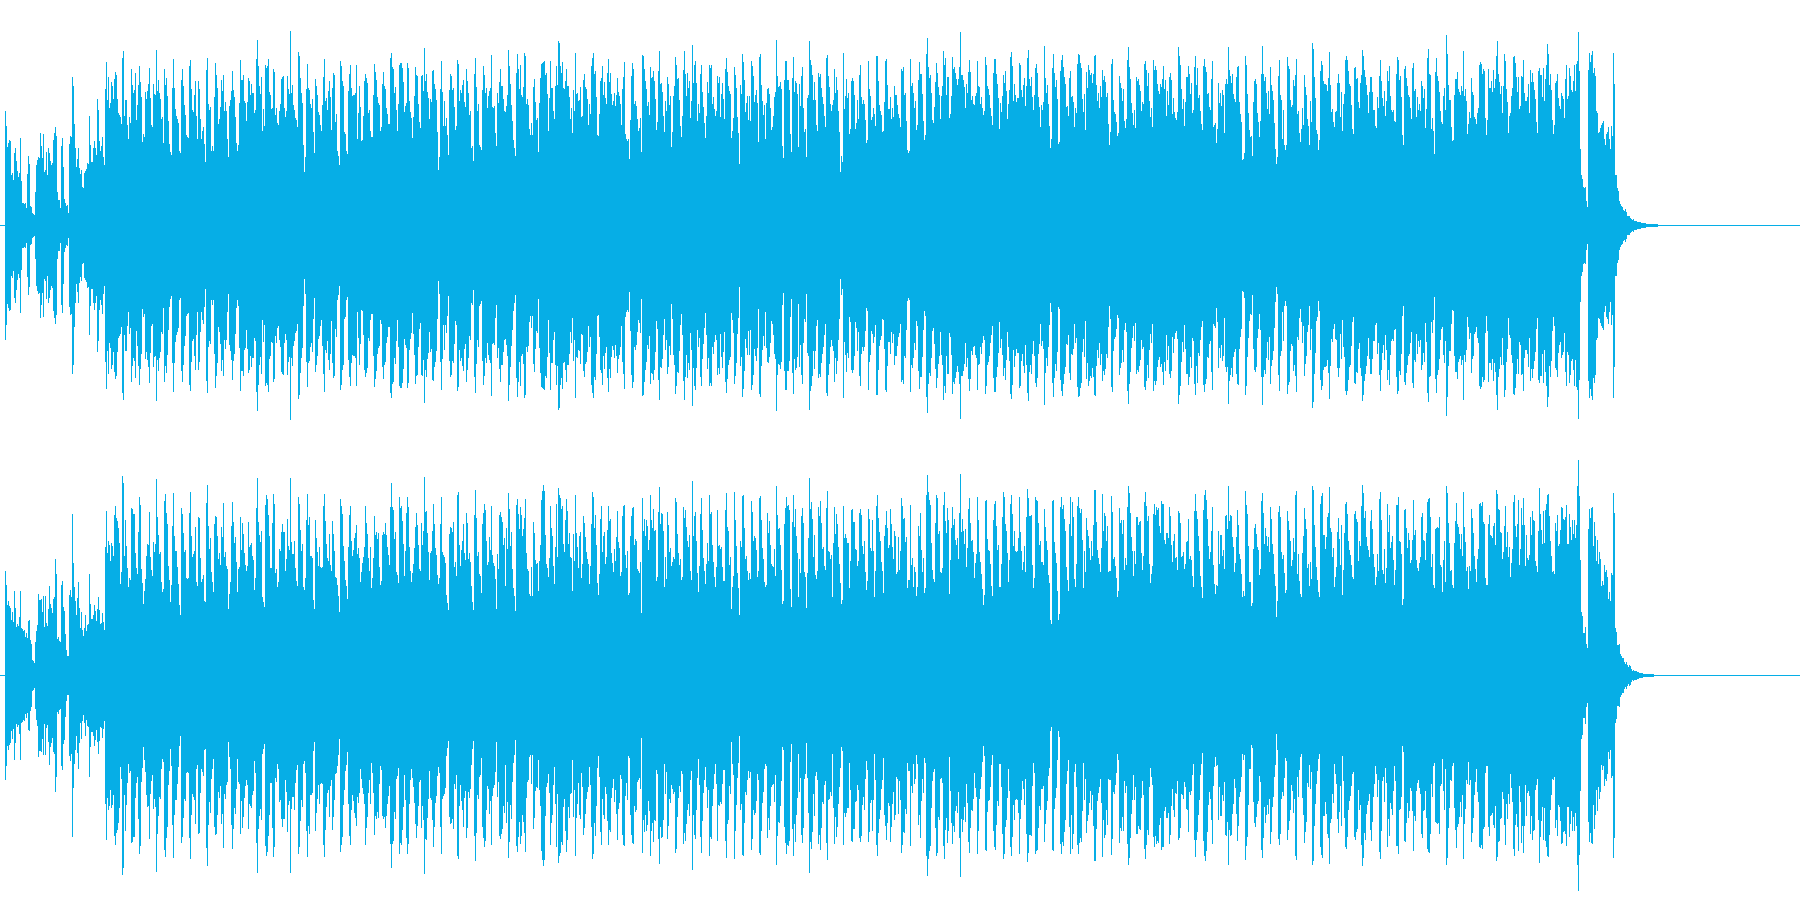 楽しく賑やかなグレンミラー風ジャズの再生済みの波形